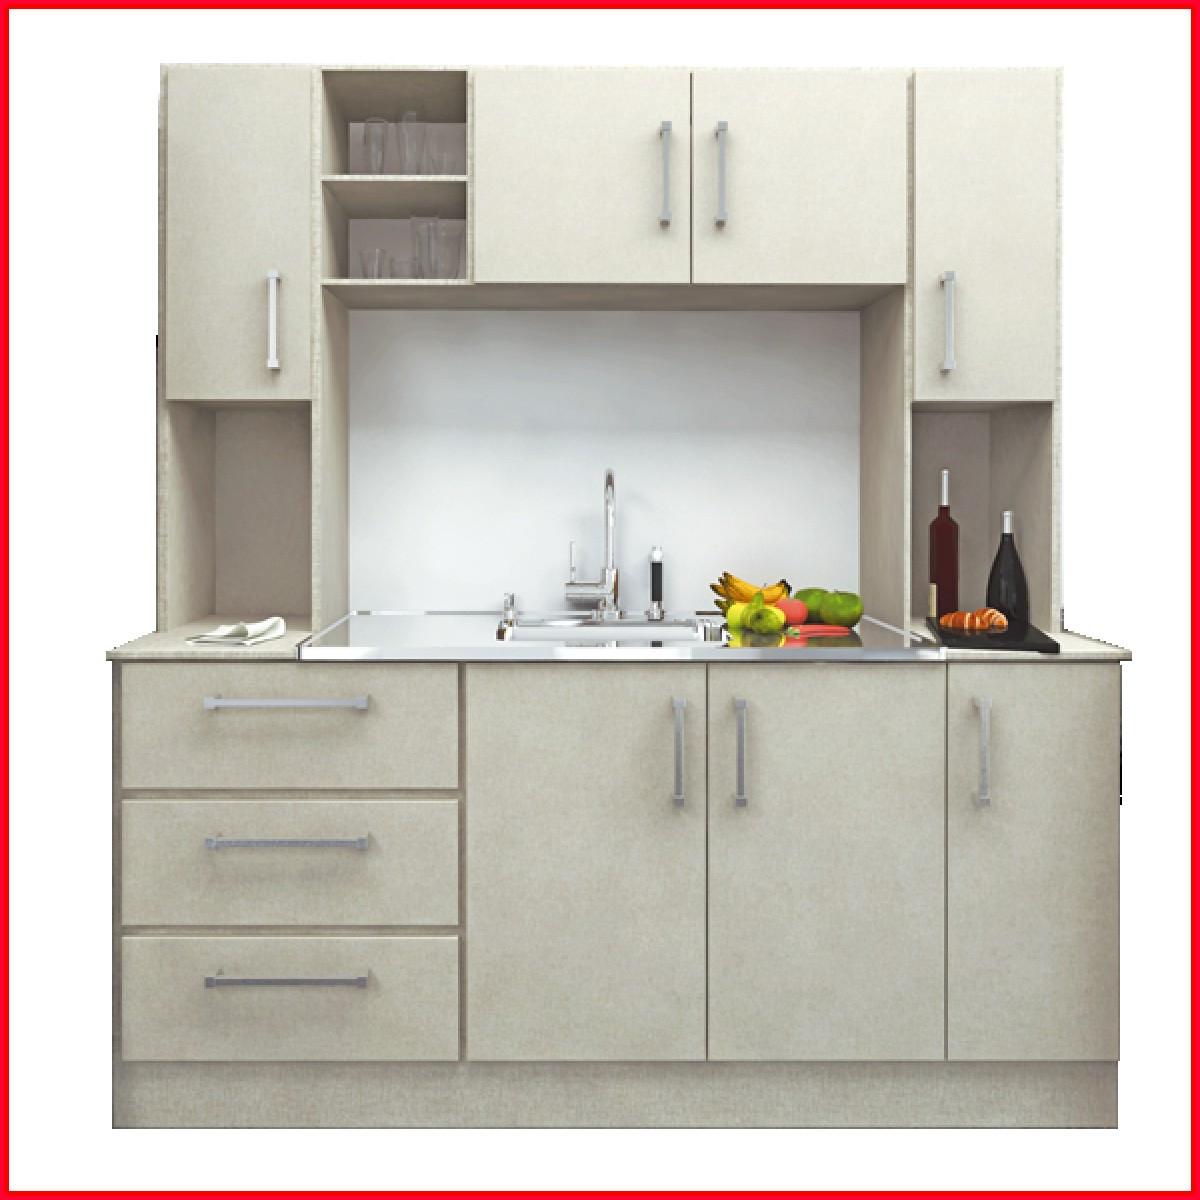 Muebles Cocina Baratos Madrid Precios | Fabricantes De Muebles De ...